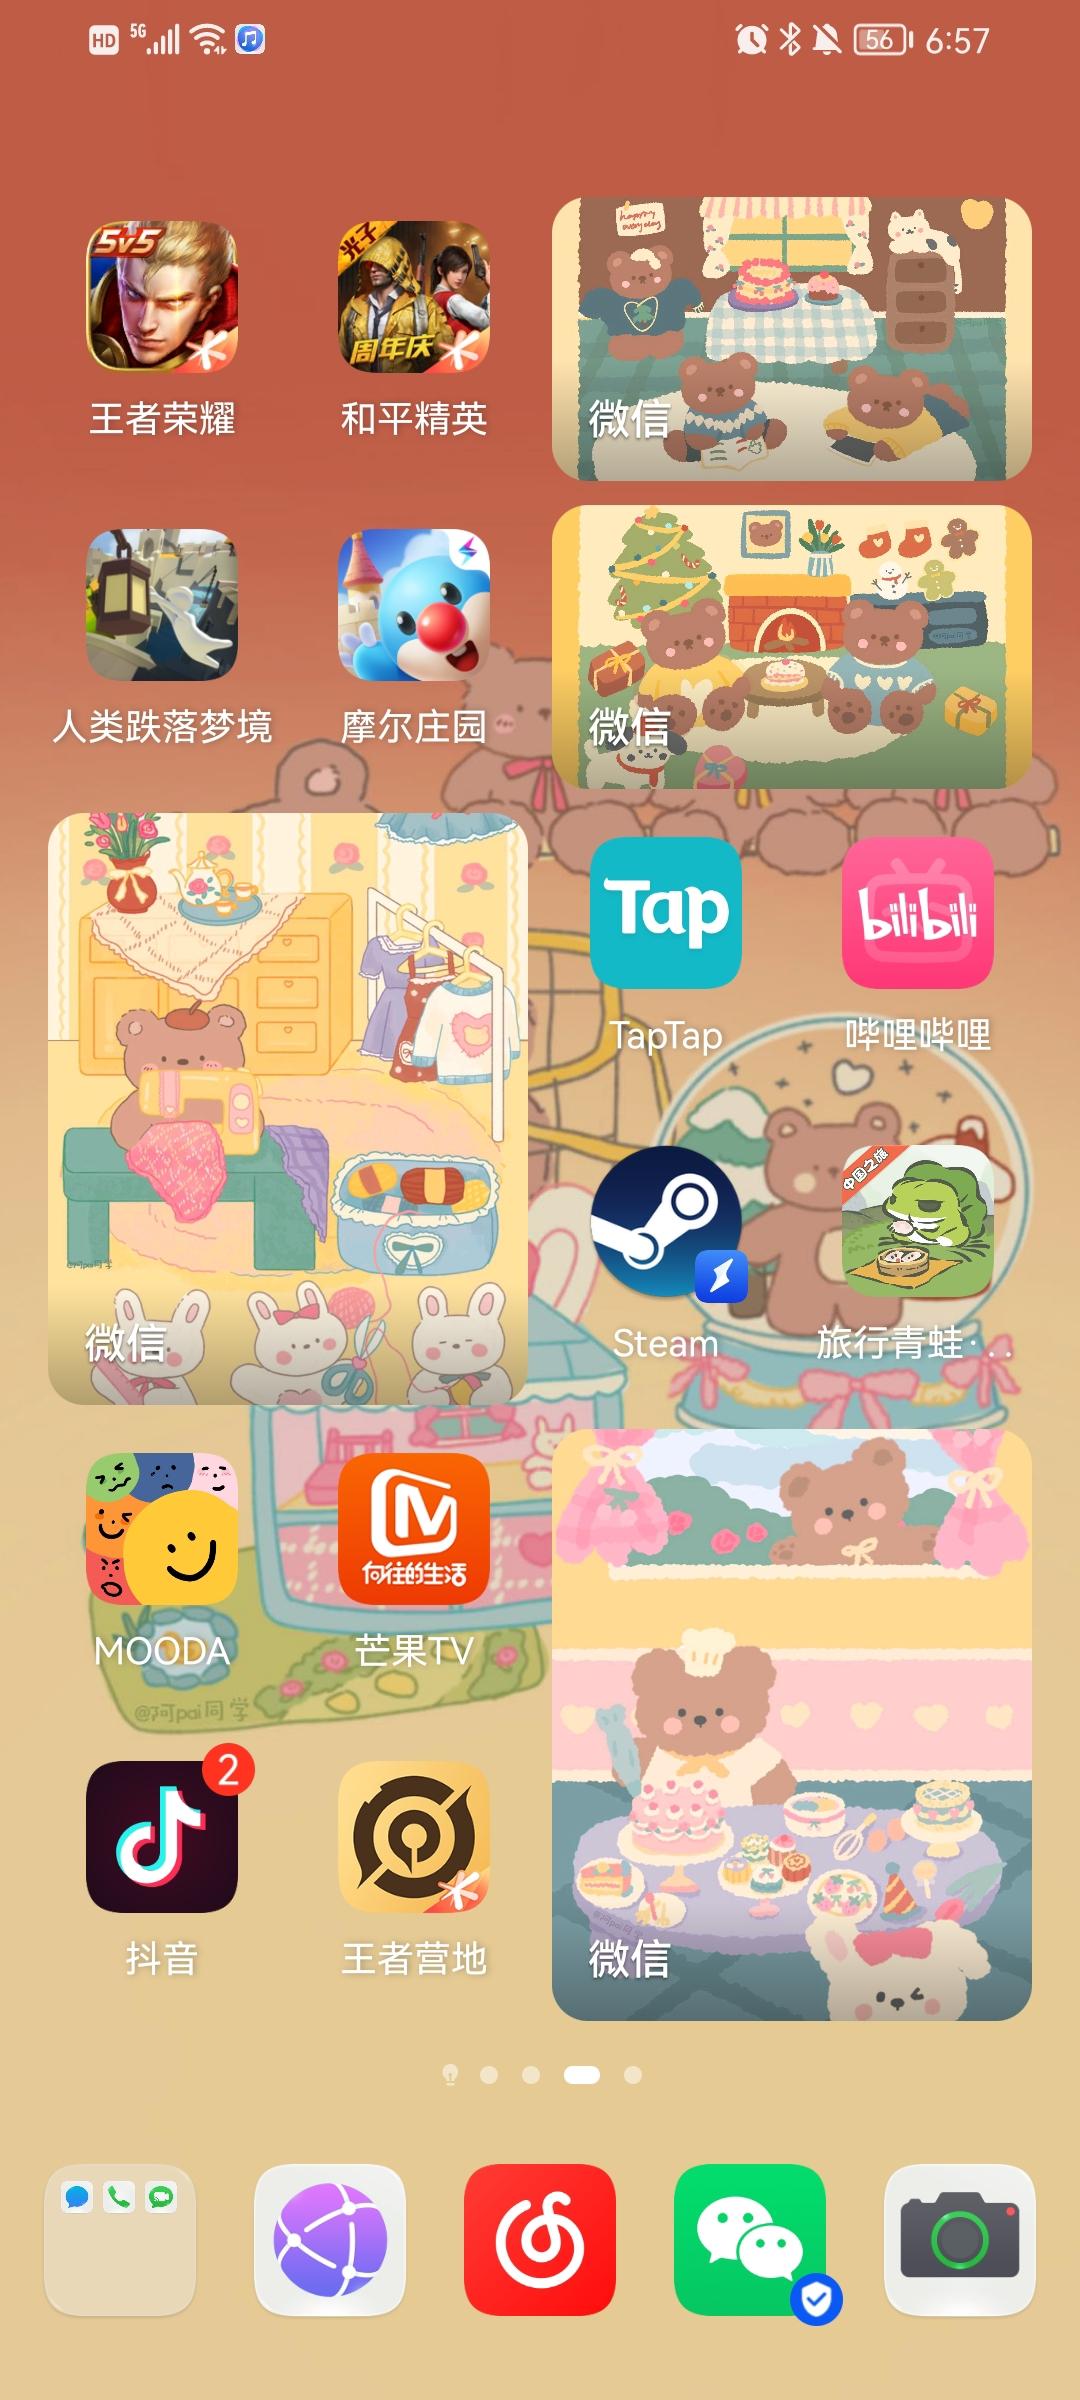 Screenshot_20210611_185726_com.huawei.android.launcher.jpg